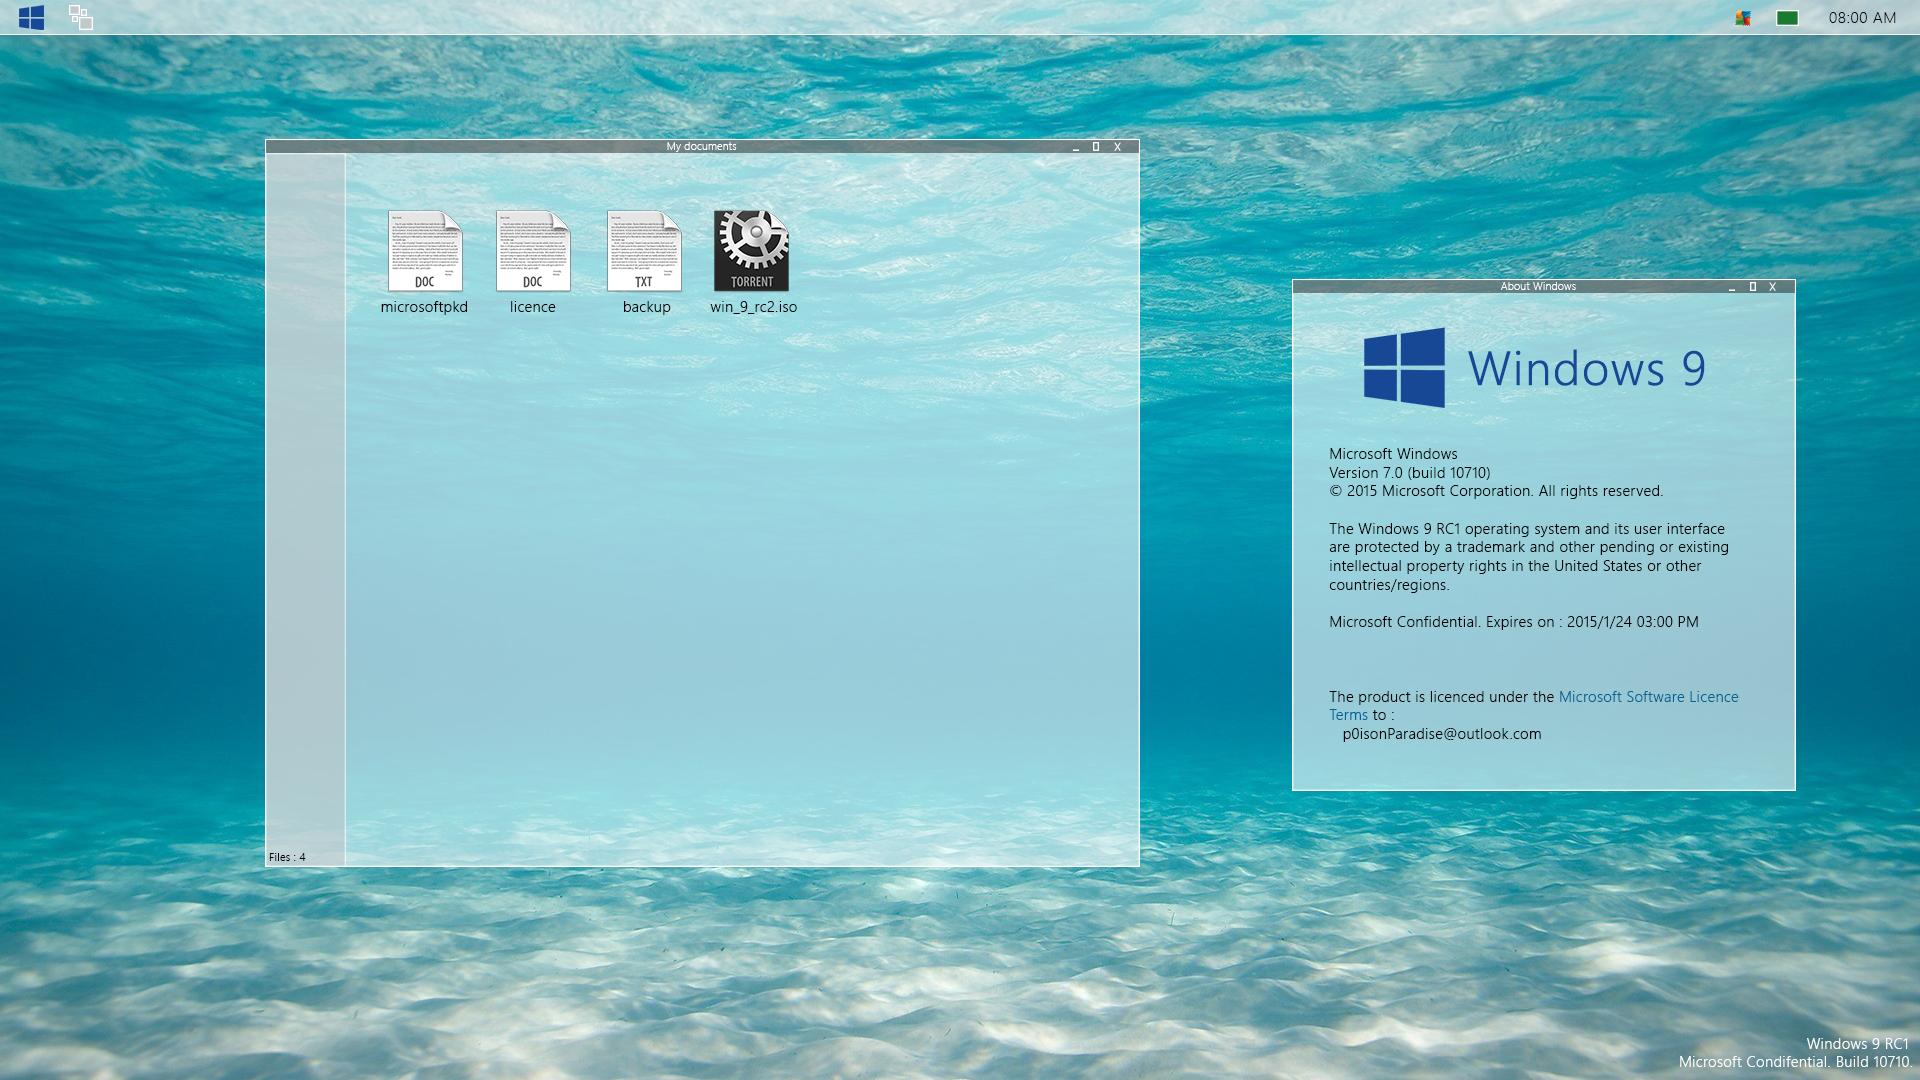 [Design] Windows 9 RC1